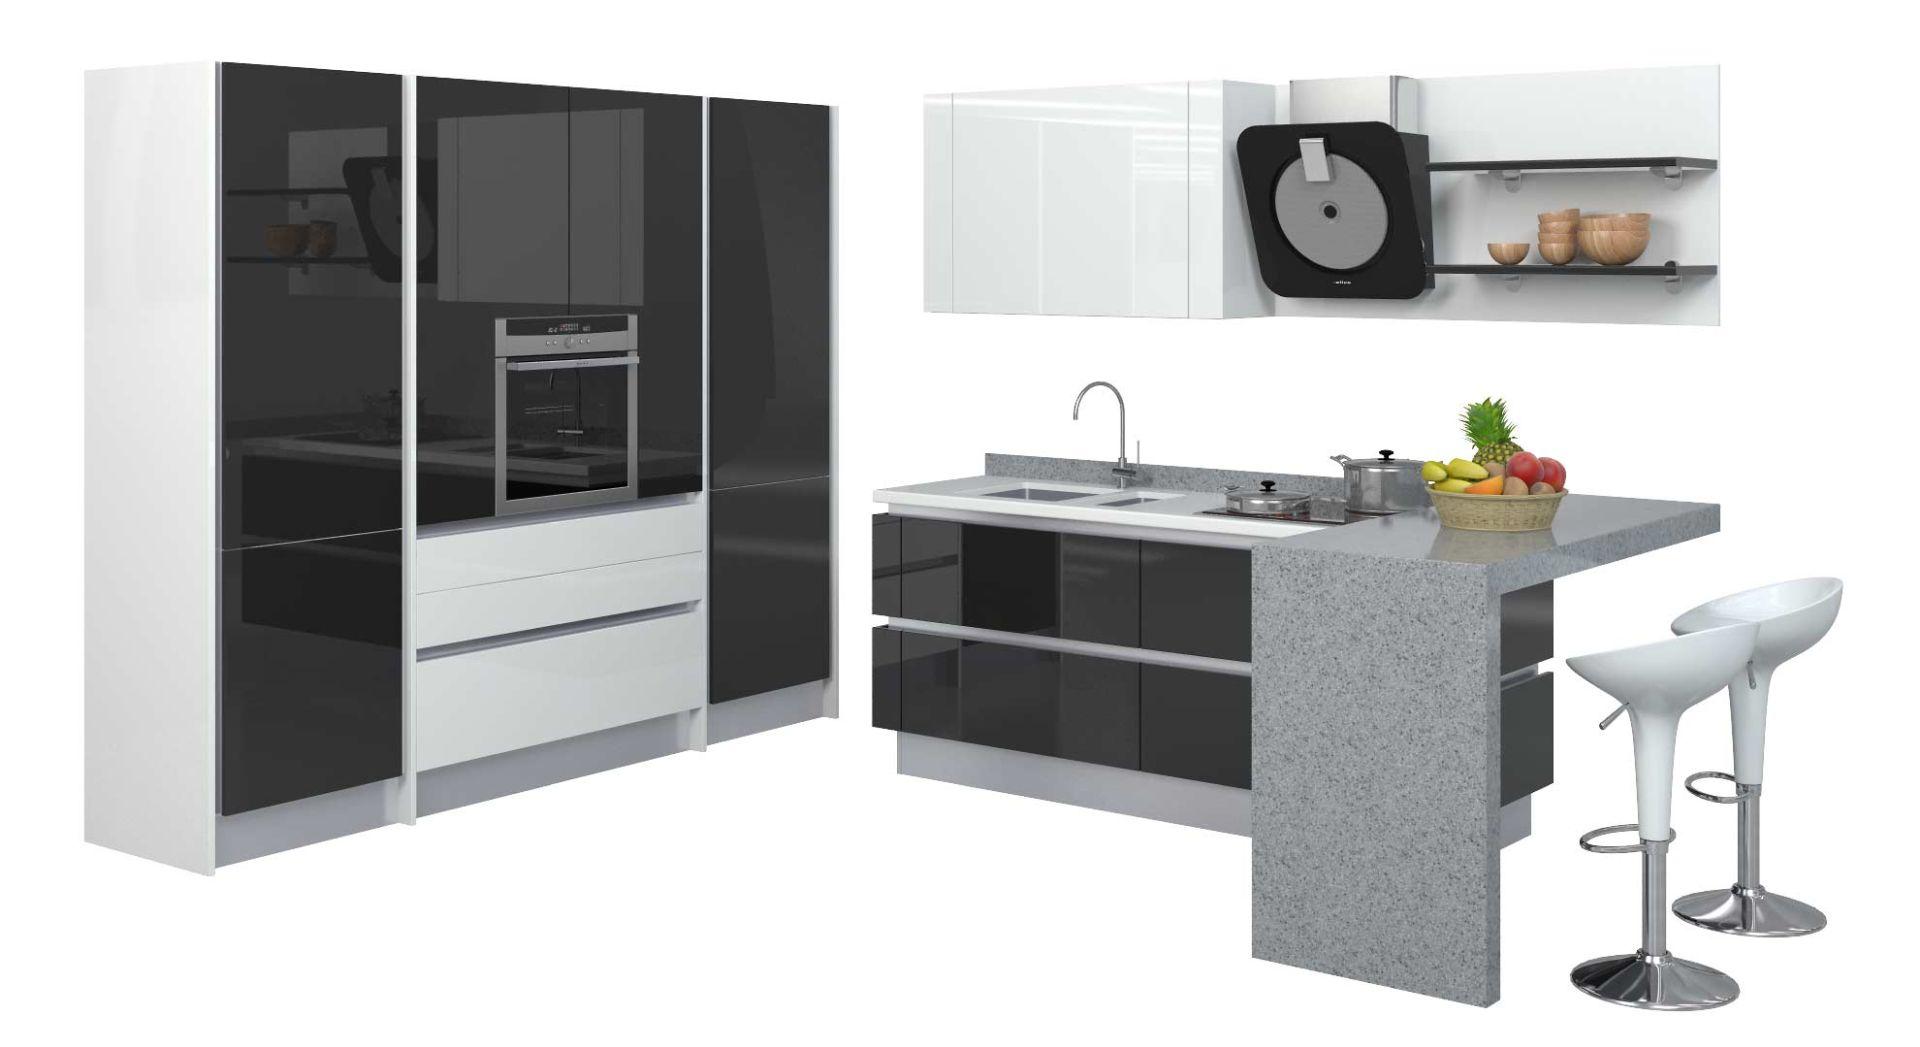 черно белая кухня дизайн фото столешница фартук техника